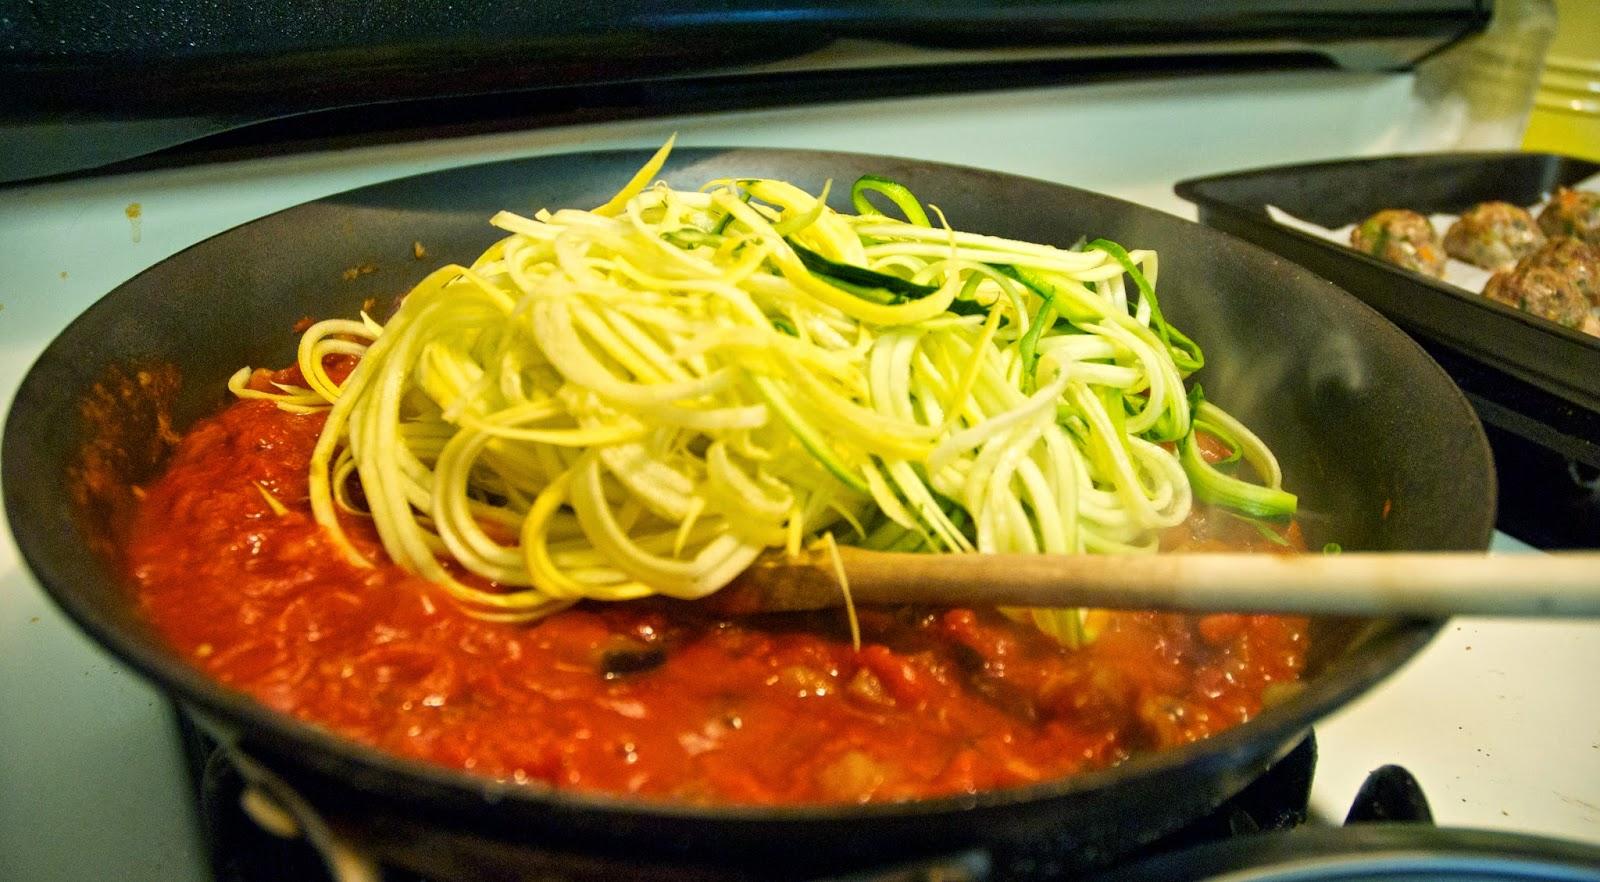 Paleo noodle recipe